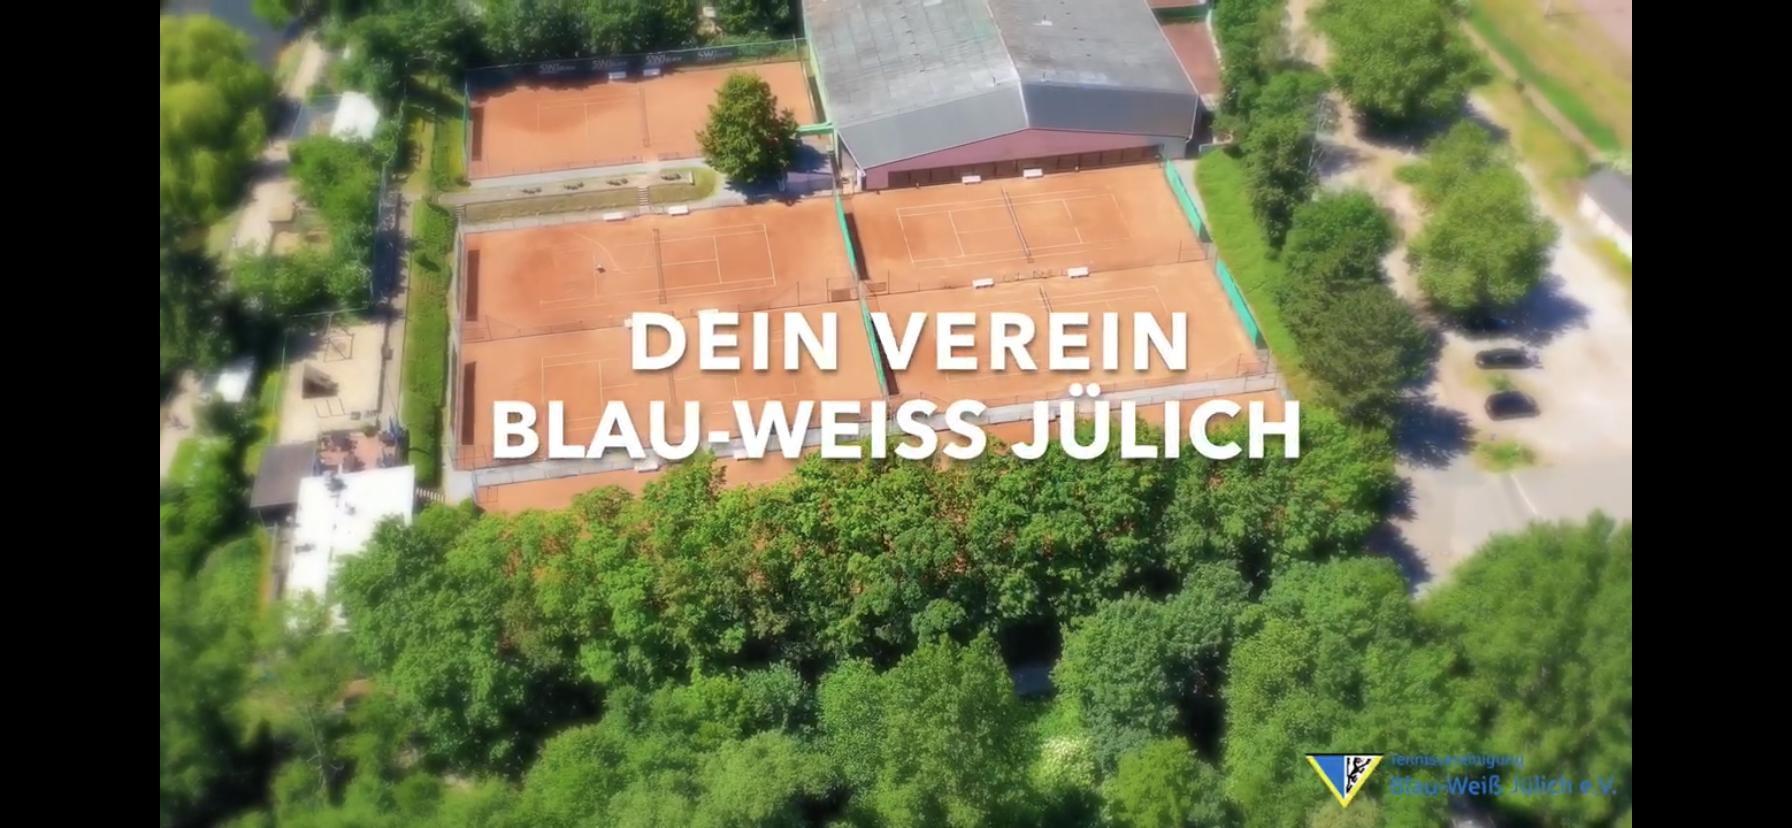 Blau Weiß Jülich – Dein Verein, komm vorbei!